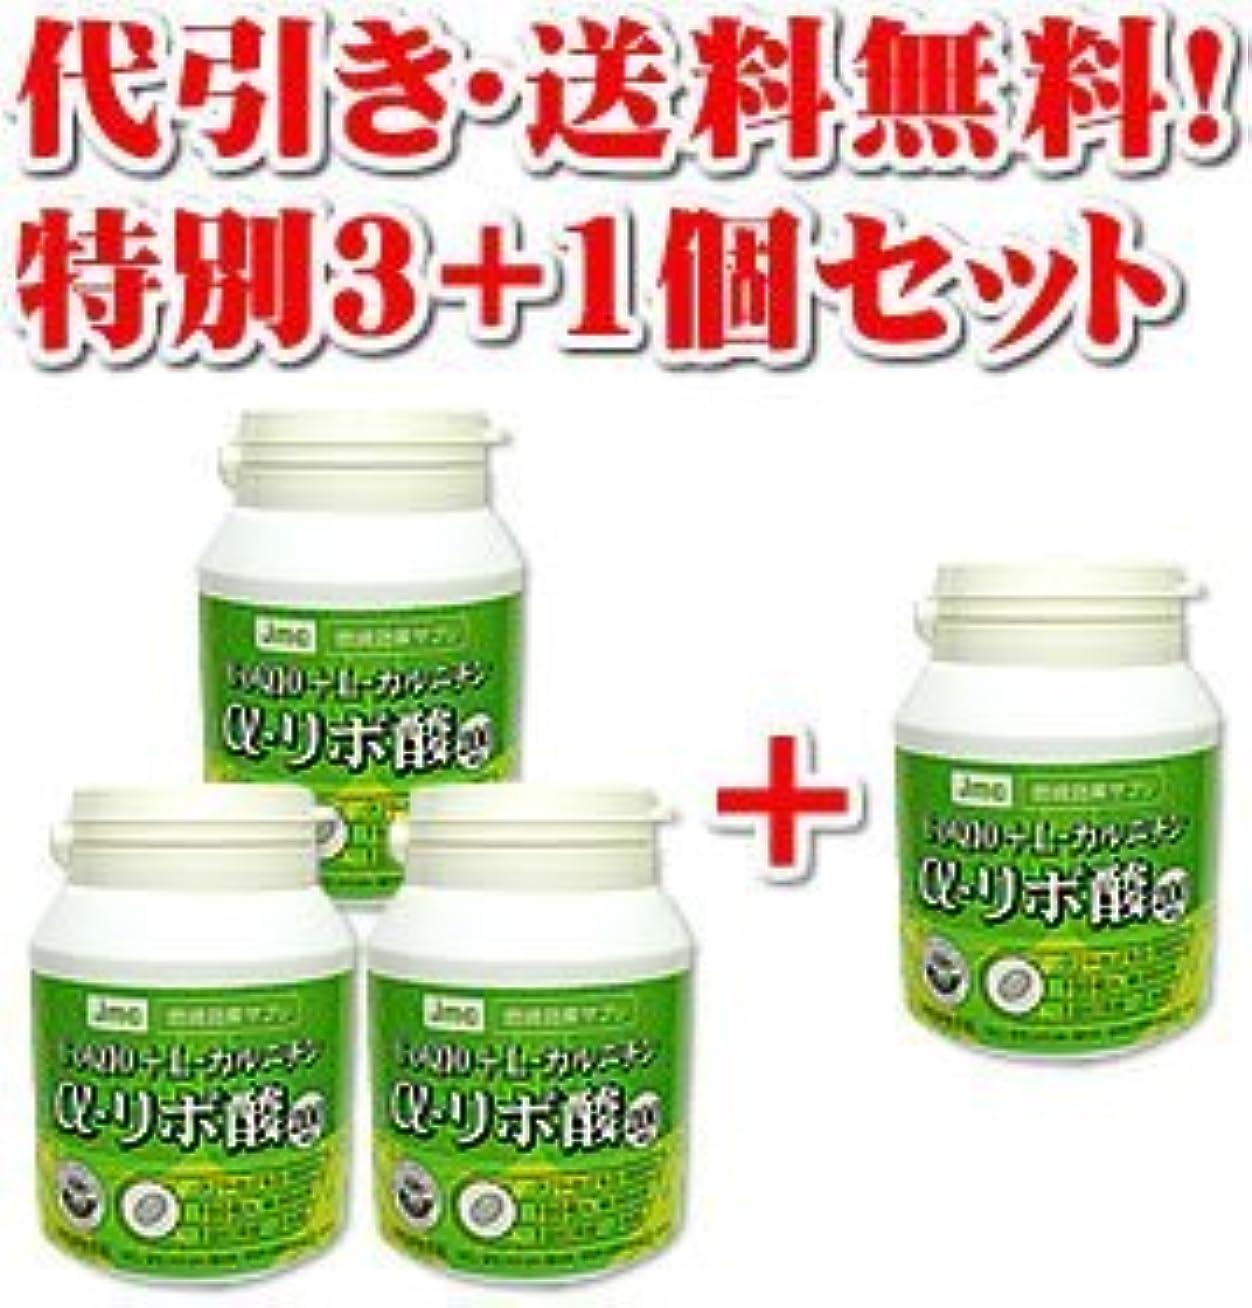 税金ステレオ争うα-リポ酸200mg(ダイエットの4大成分を1粒に凝縮)4個セット